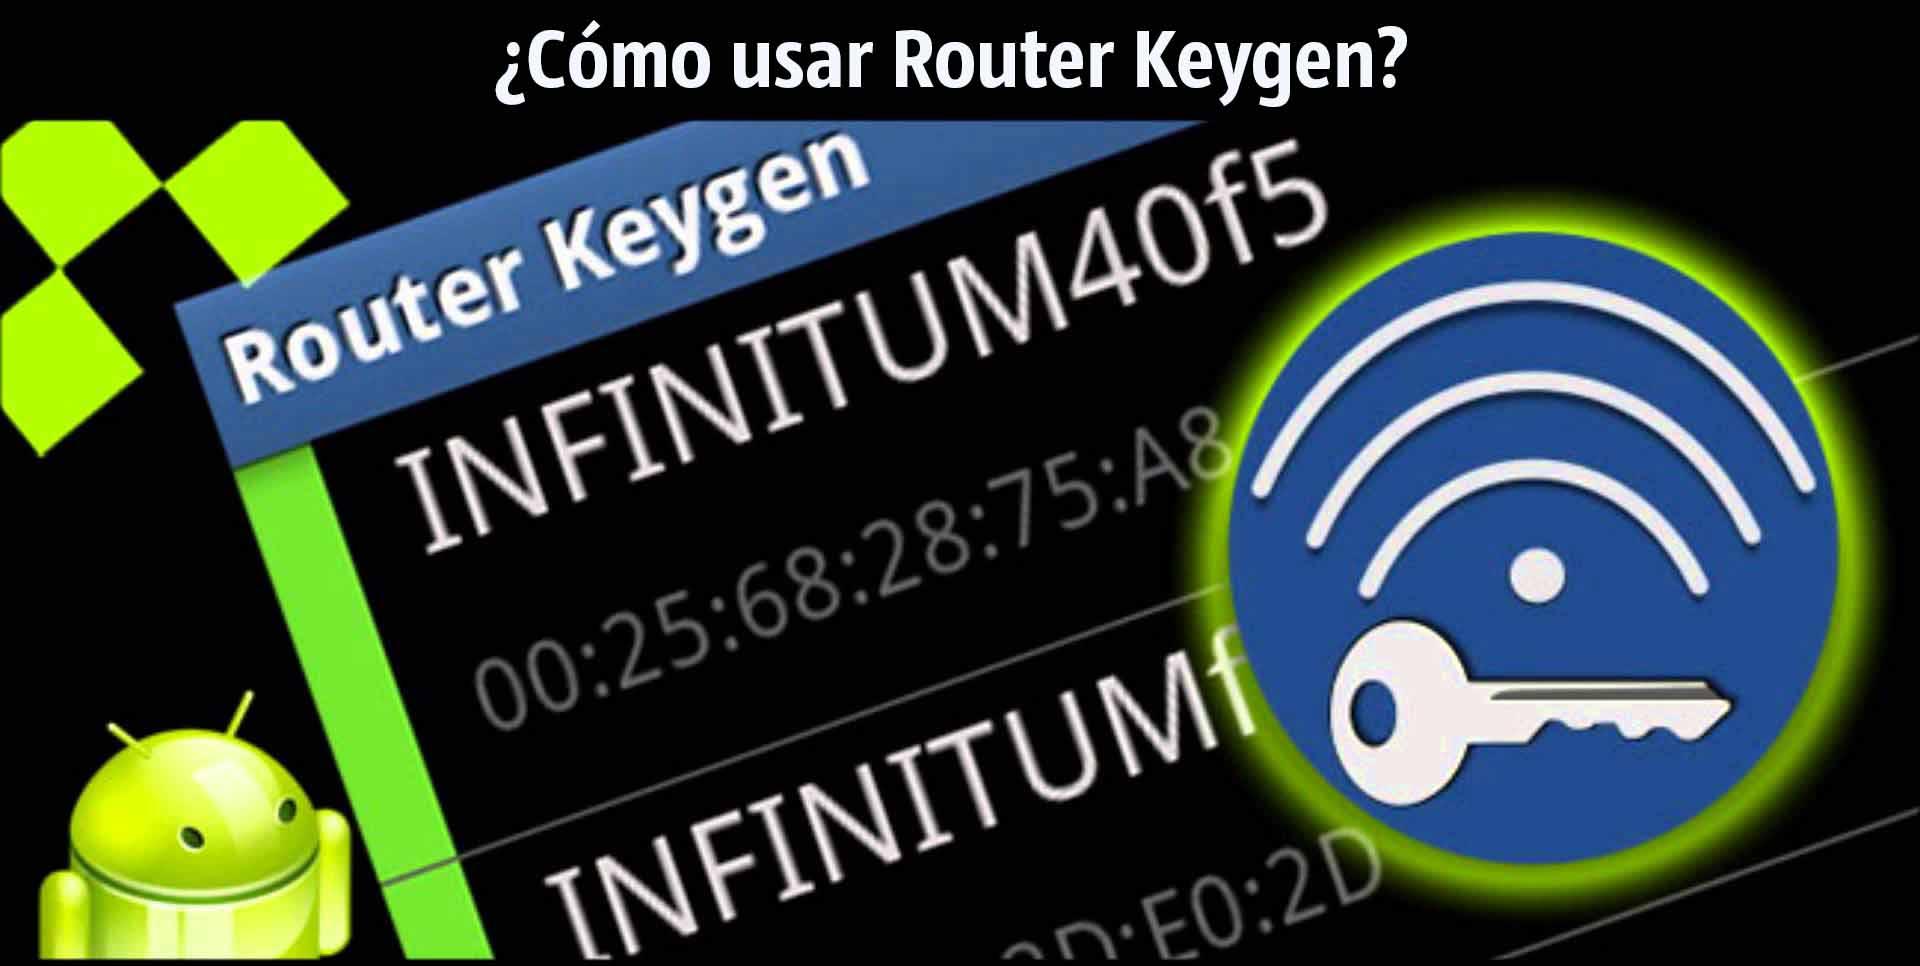 Скачать Программу На Андроид Royter Keygen